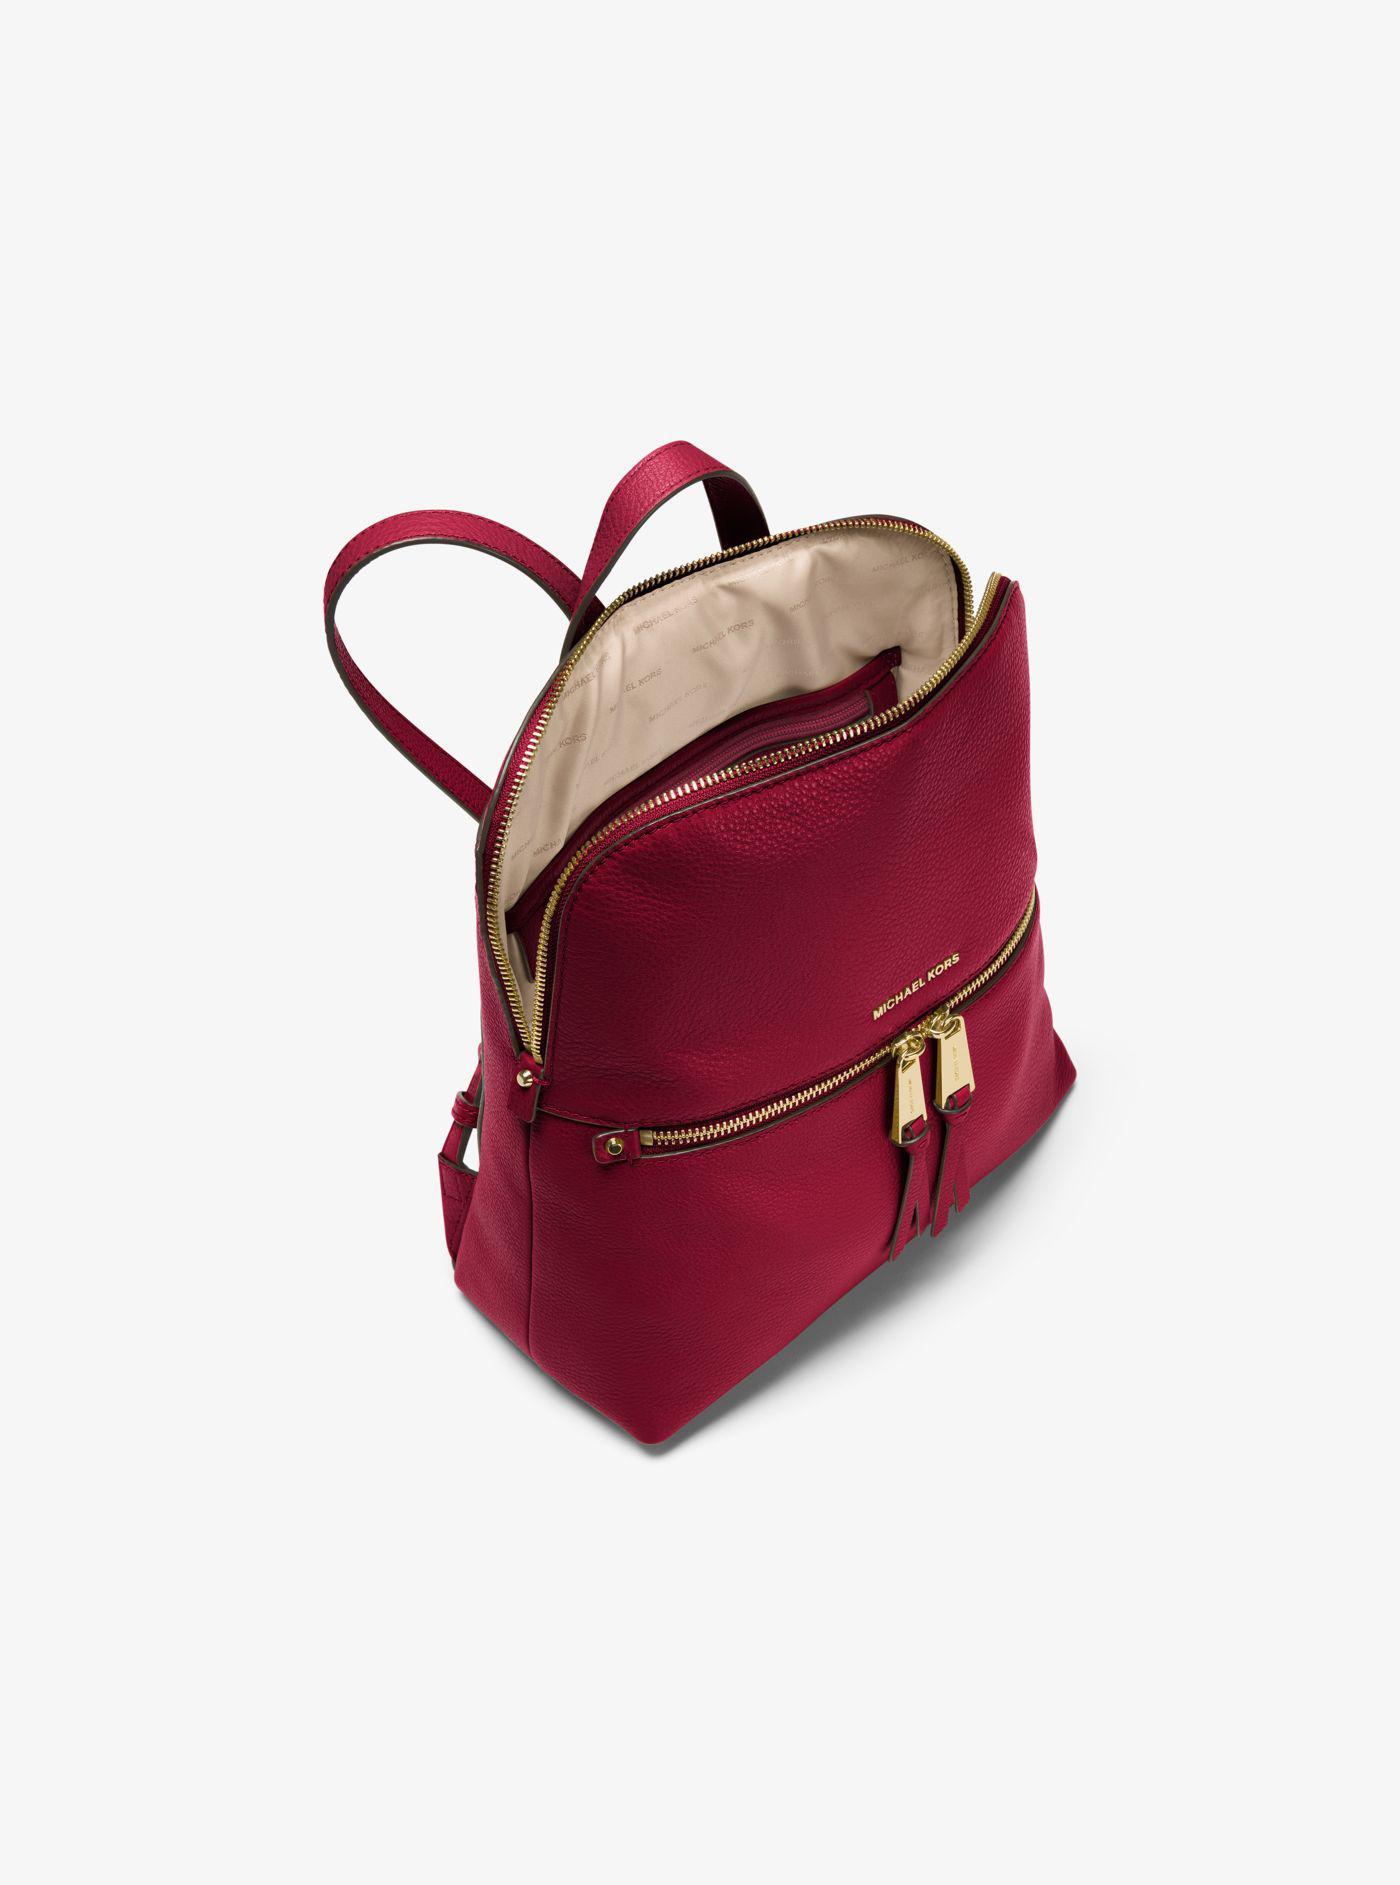 33d79917ea6358 Michael Kors Rhea Medium Slim Leather Backpack in Red - Lyst